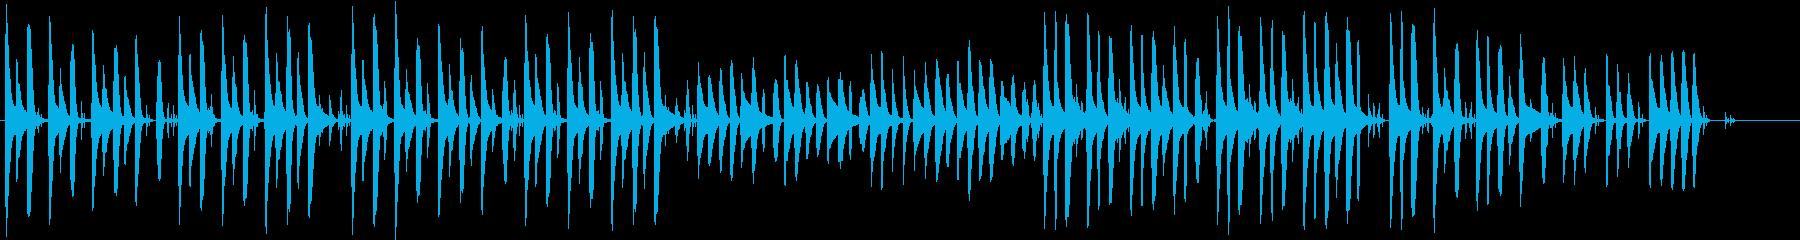 おとぼけ風な短い曲の再生済みの波形